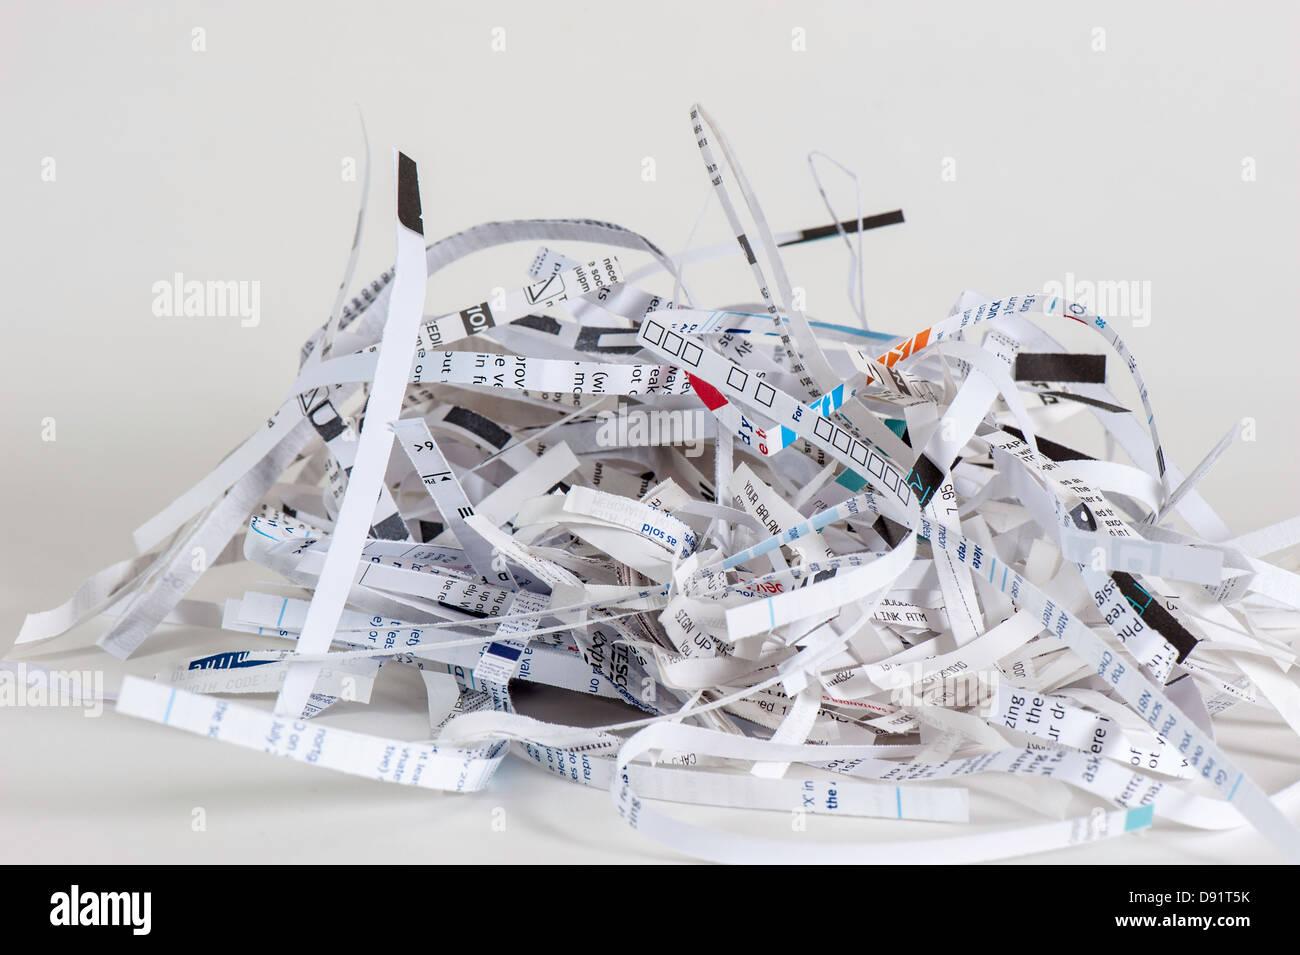 shredded paper document - Stock Image